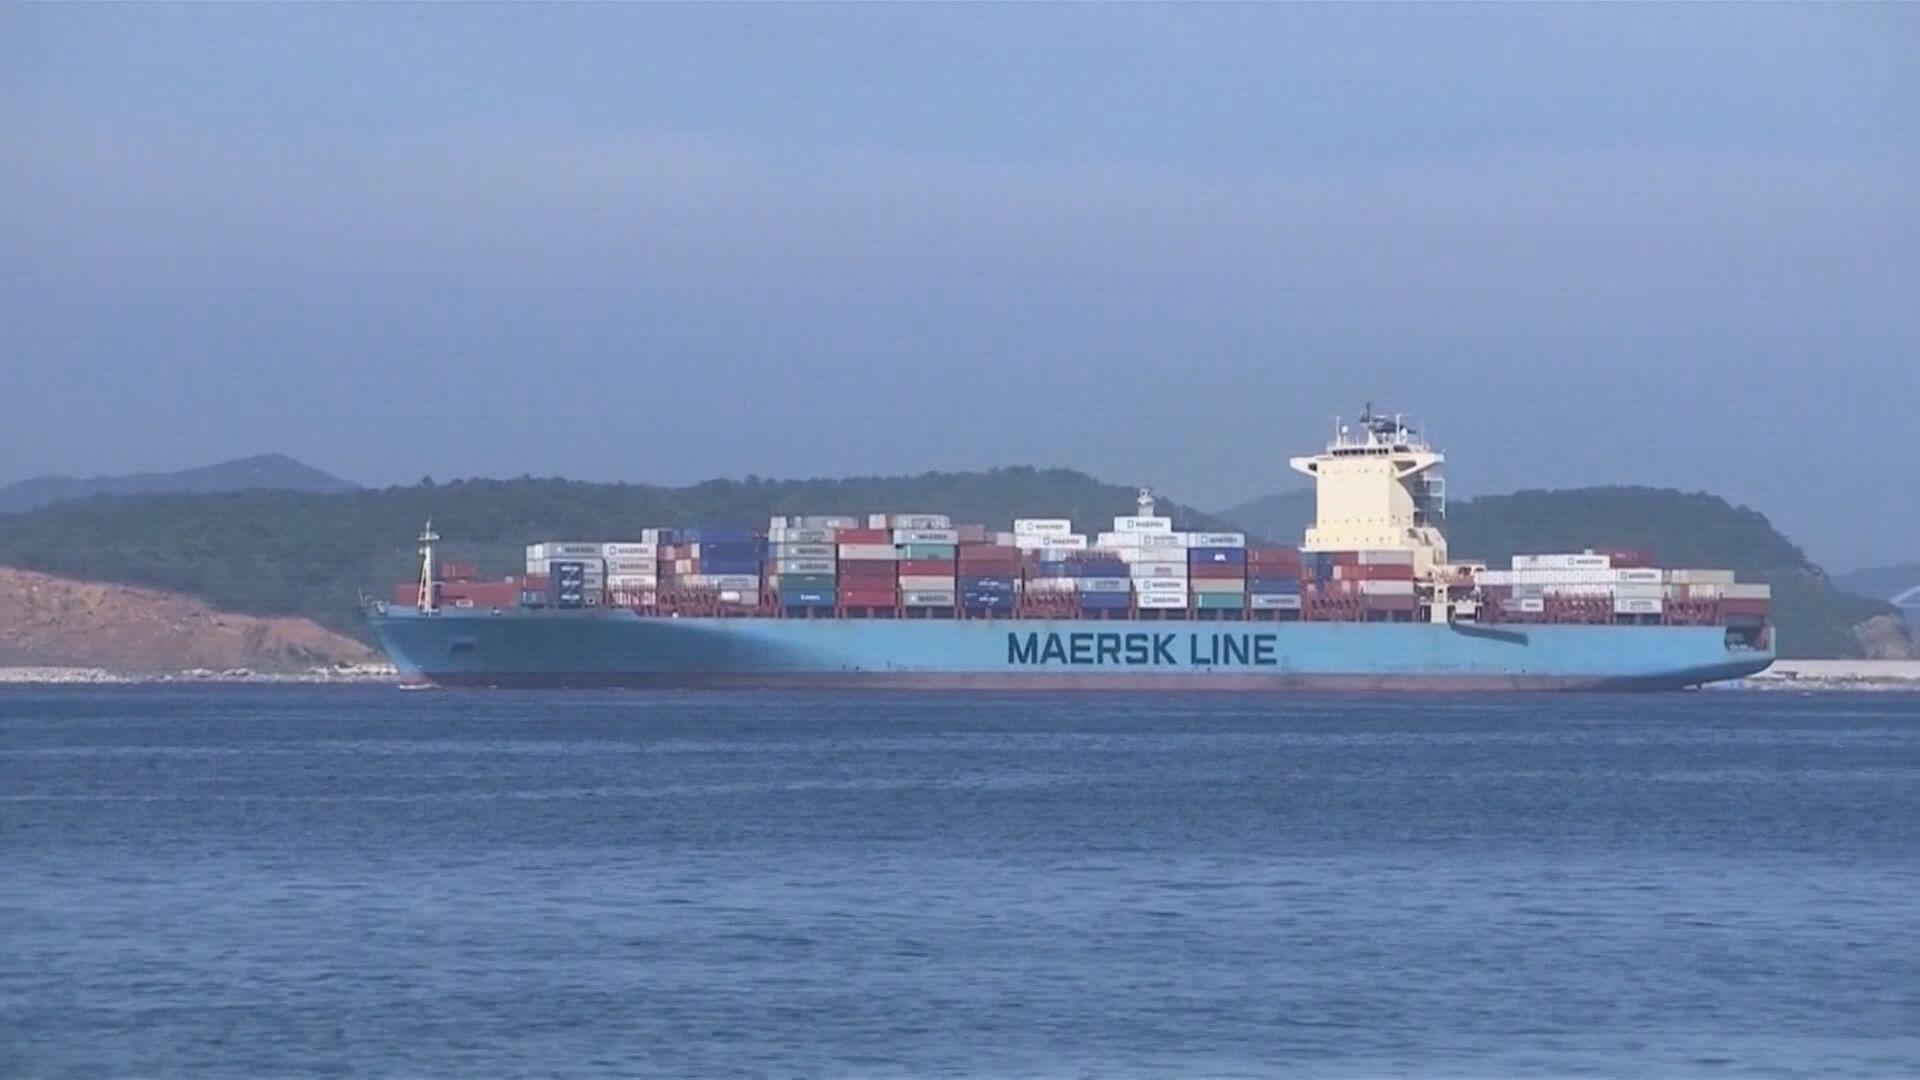 馬士基:美國經濟受貿易戰衝擊較其他國家大